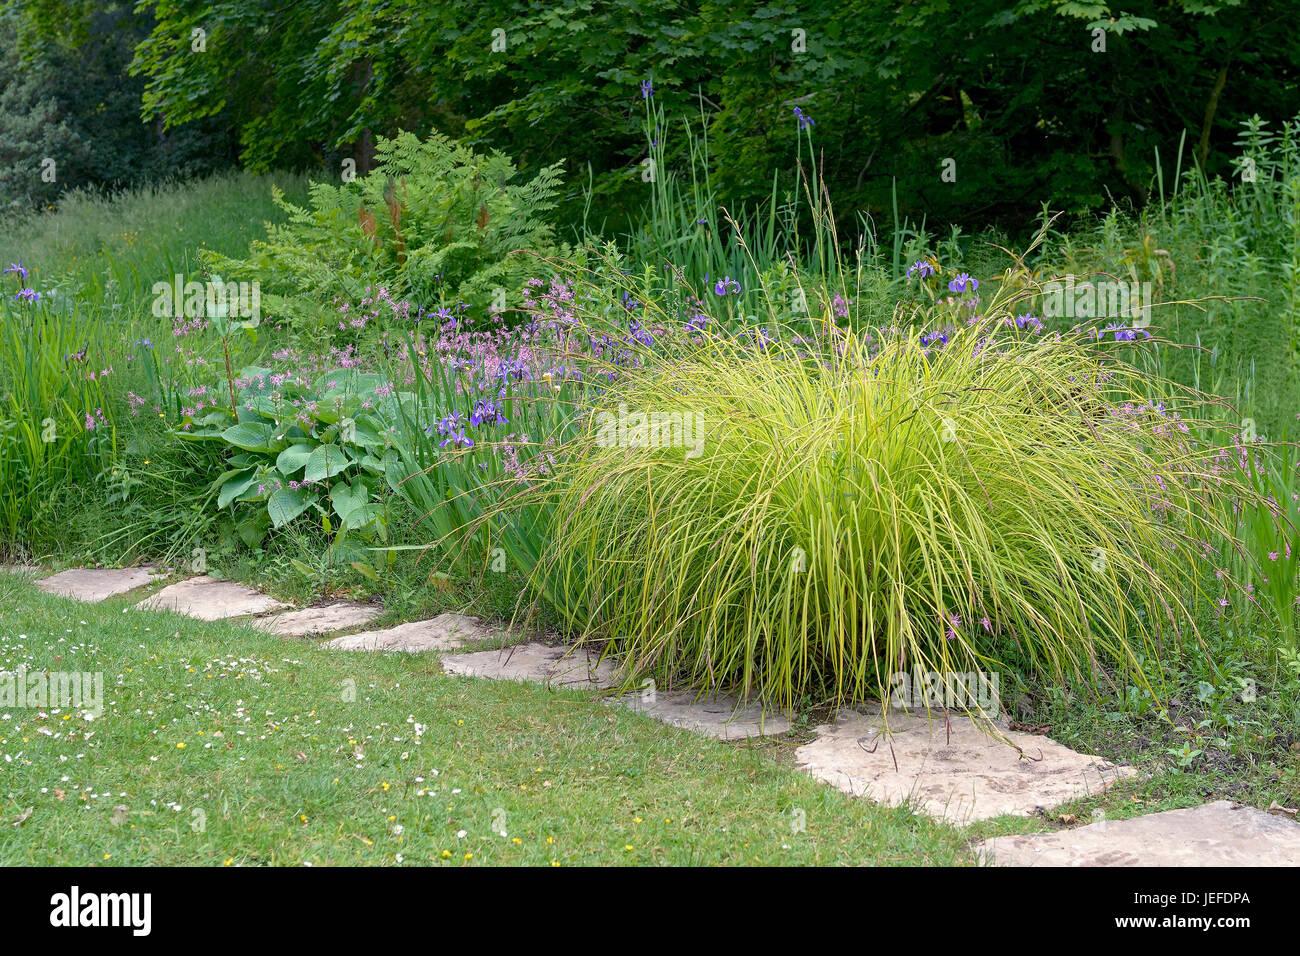 Stiff Segge, Carex elata Aurea , Steife Segge (Carex elata 'Aurea') - Stock Image